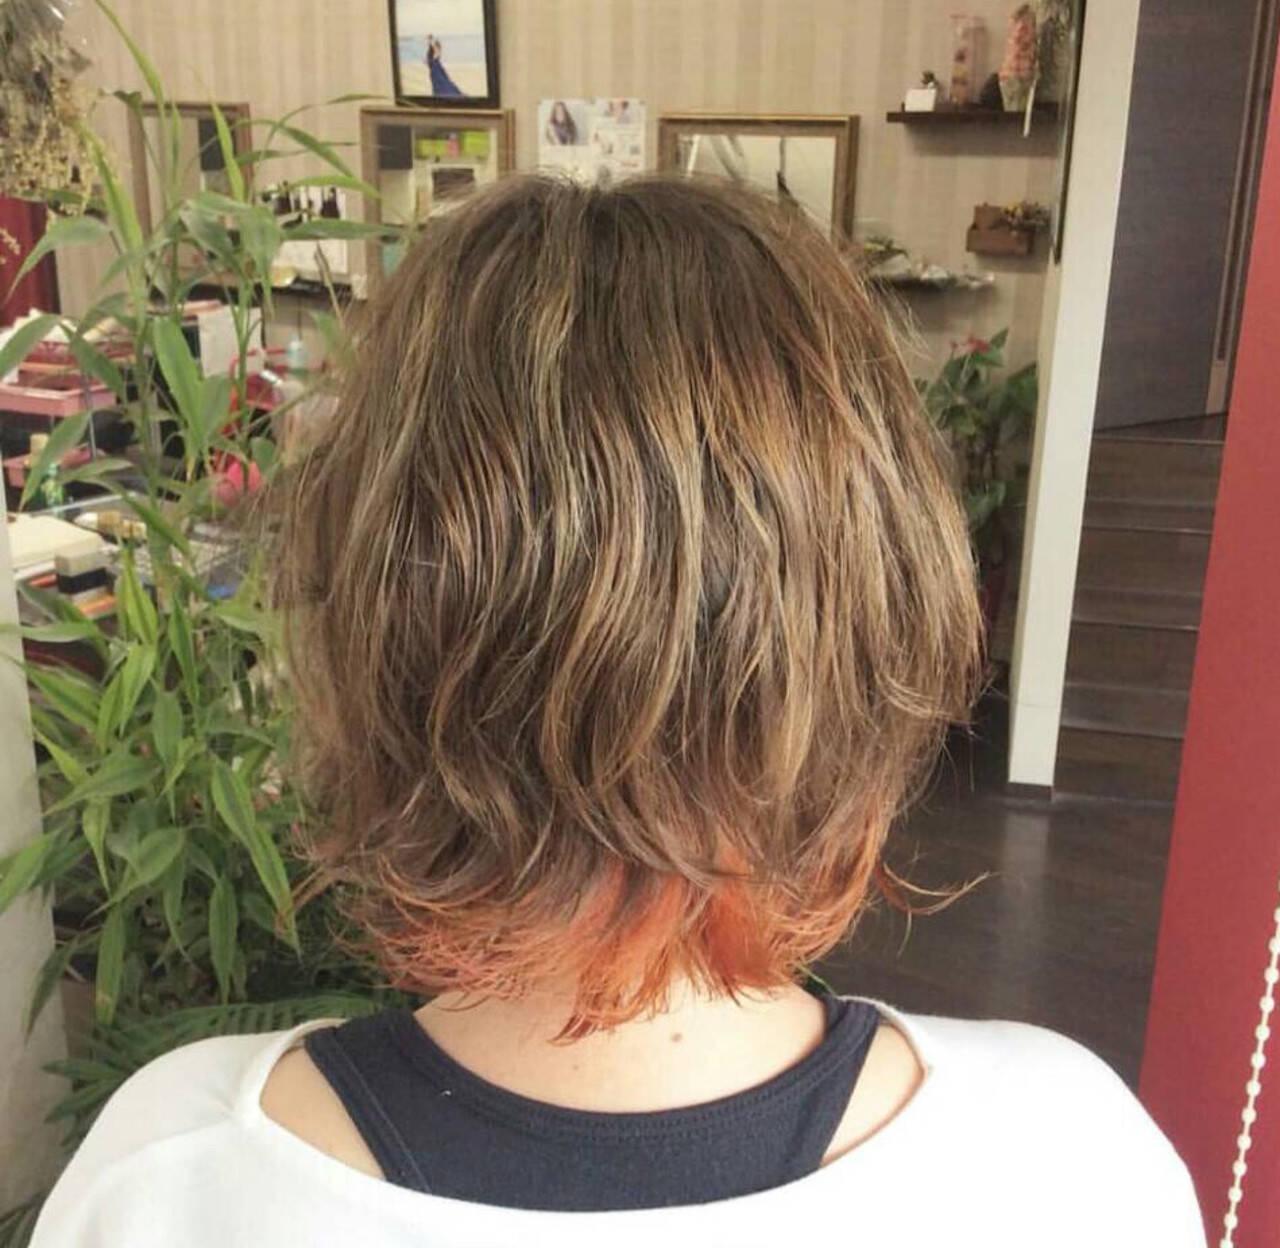 パーマ ガーリー オレンジカラー ショートヘアスタイルや髪型の写真・画像